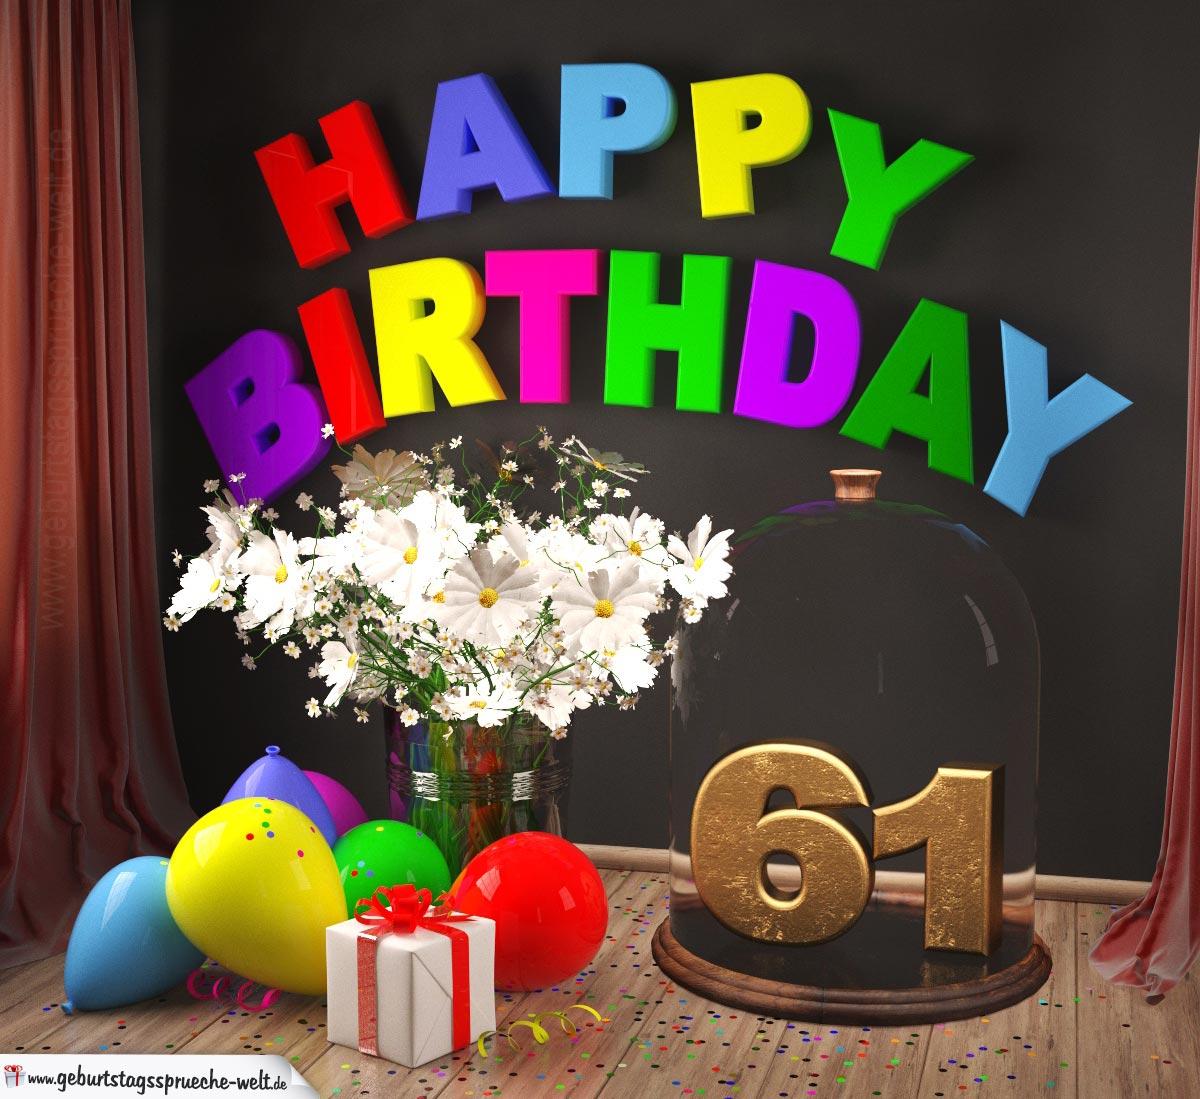 Happy Birthday 61 Jahre Glückwunschkarte mit Margeriten-Blumenstrauß, Luftballons und Geschenk unter Glasglocke